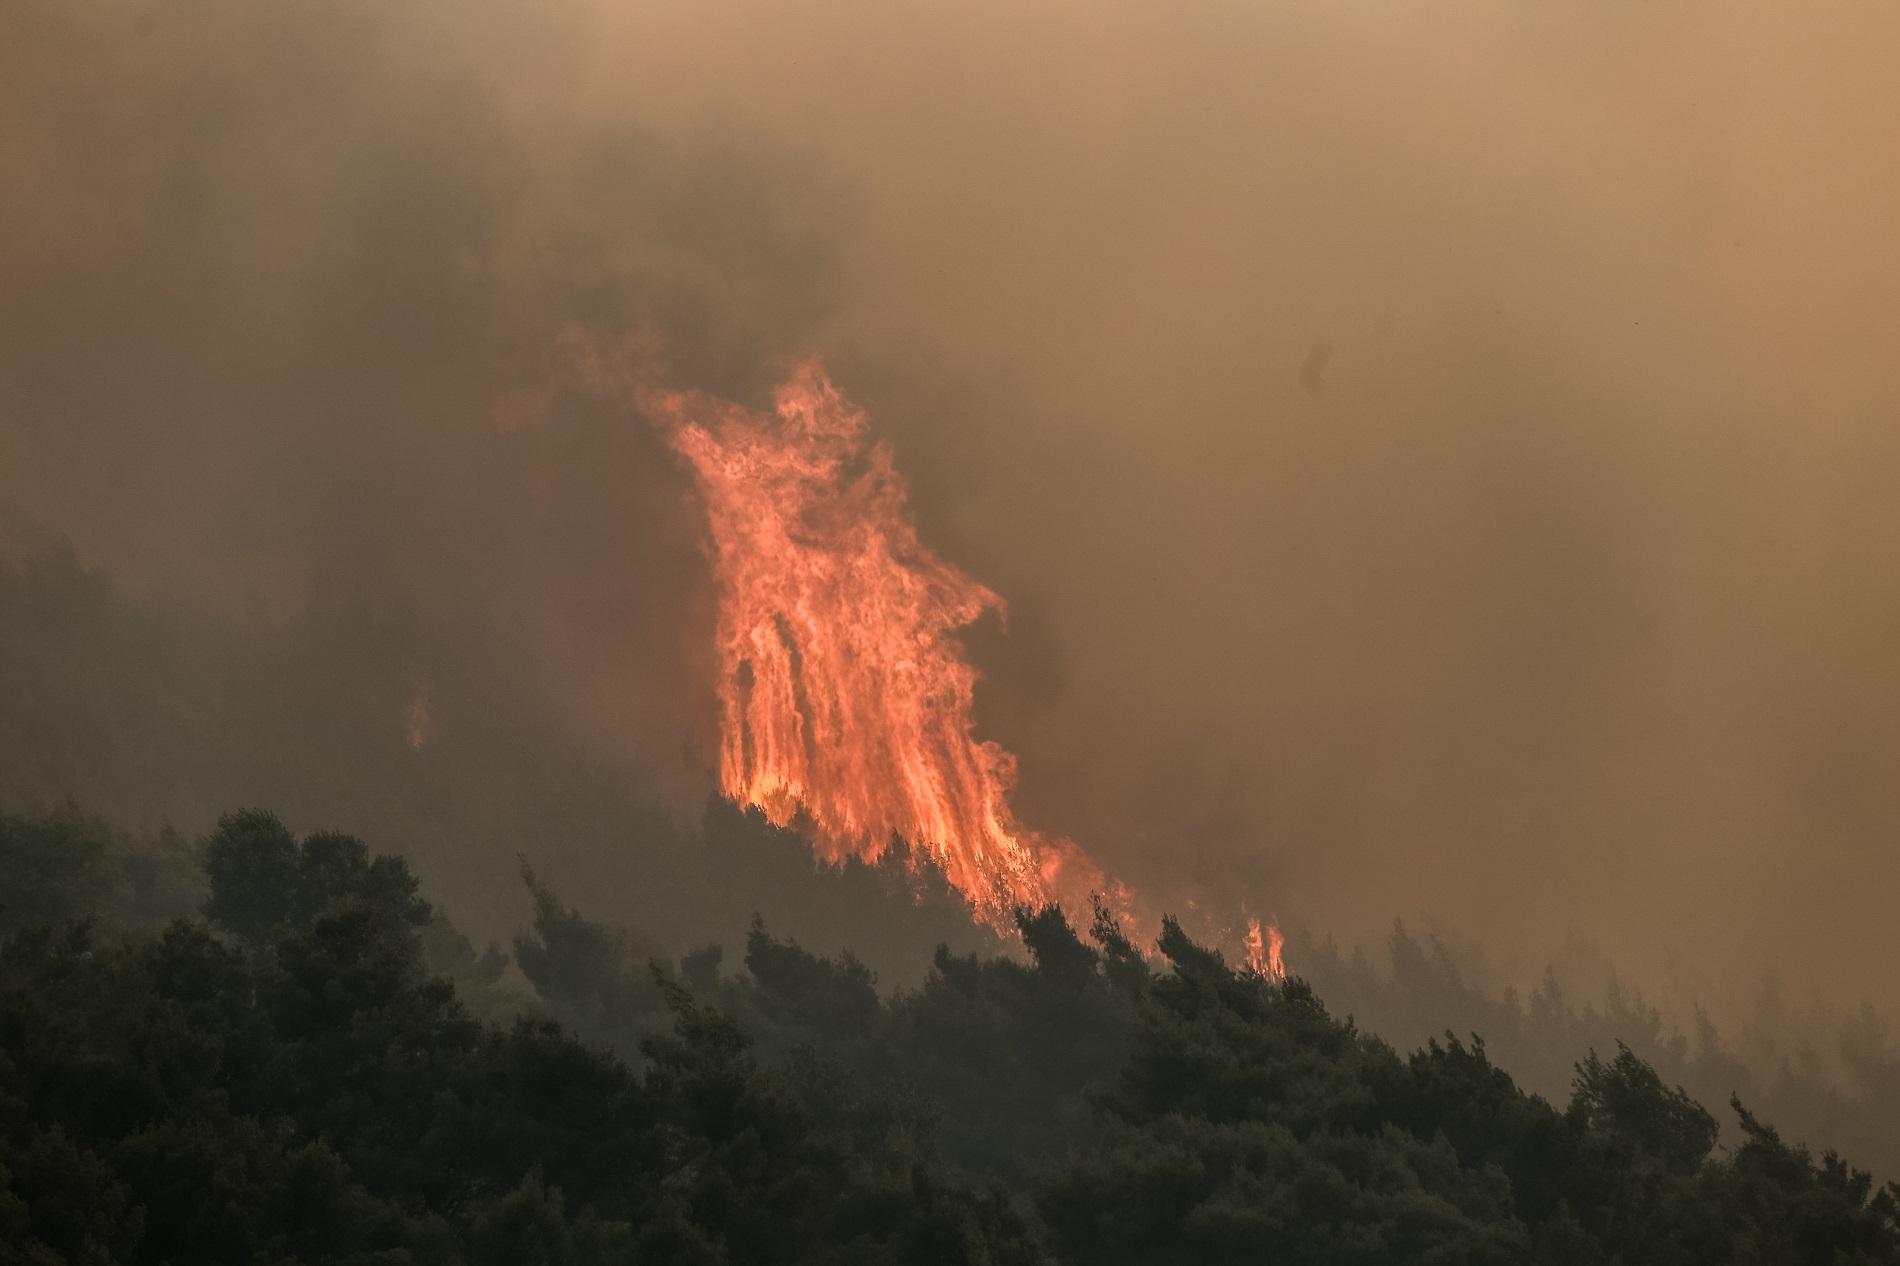 Μάχη με τις φλόγες στη Λευκίμη Έβρου